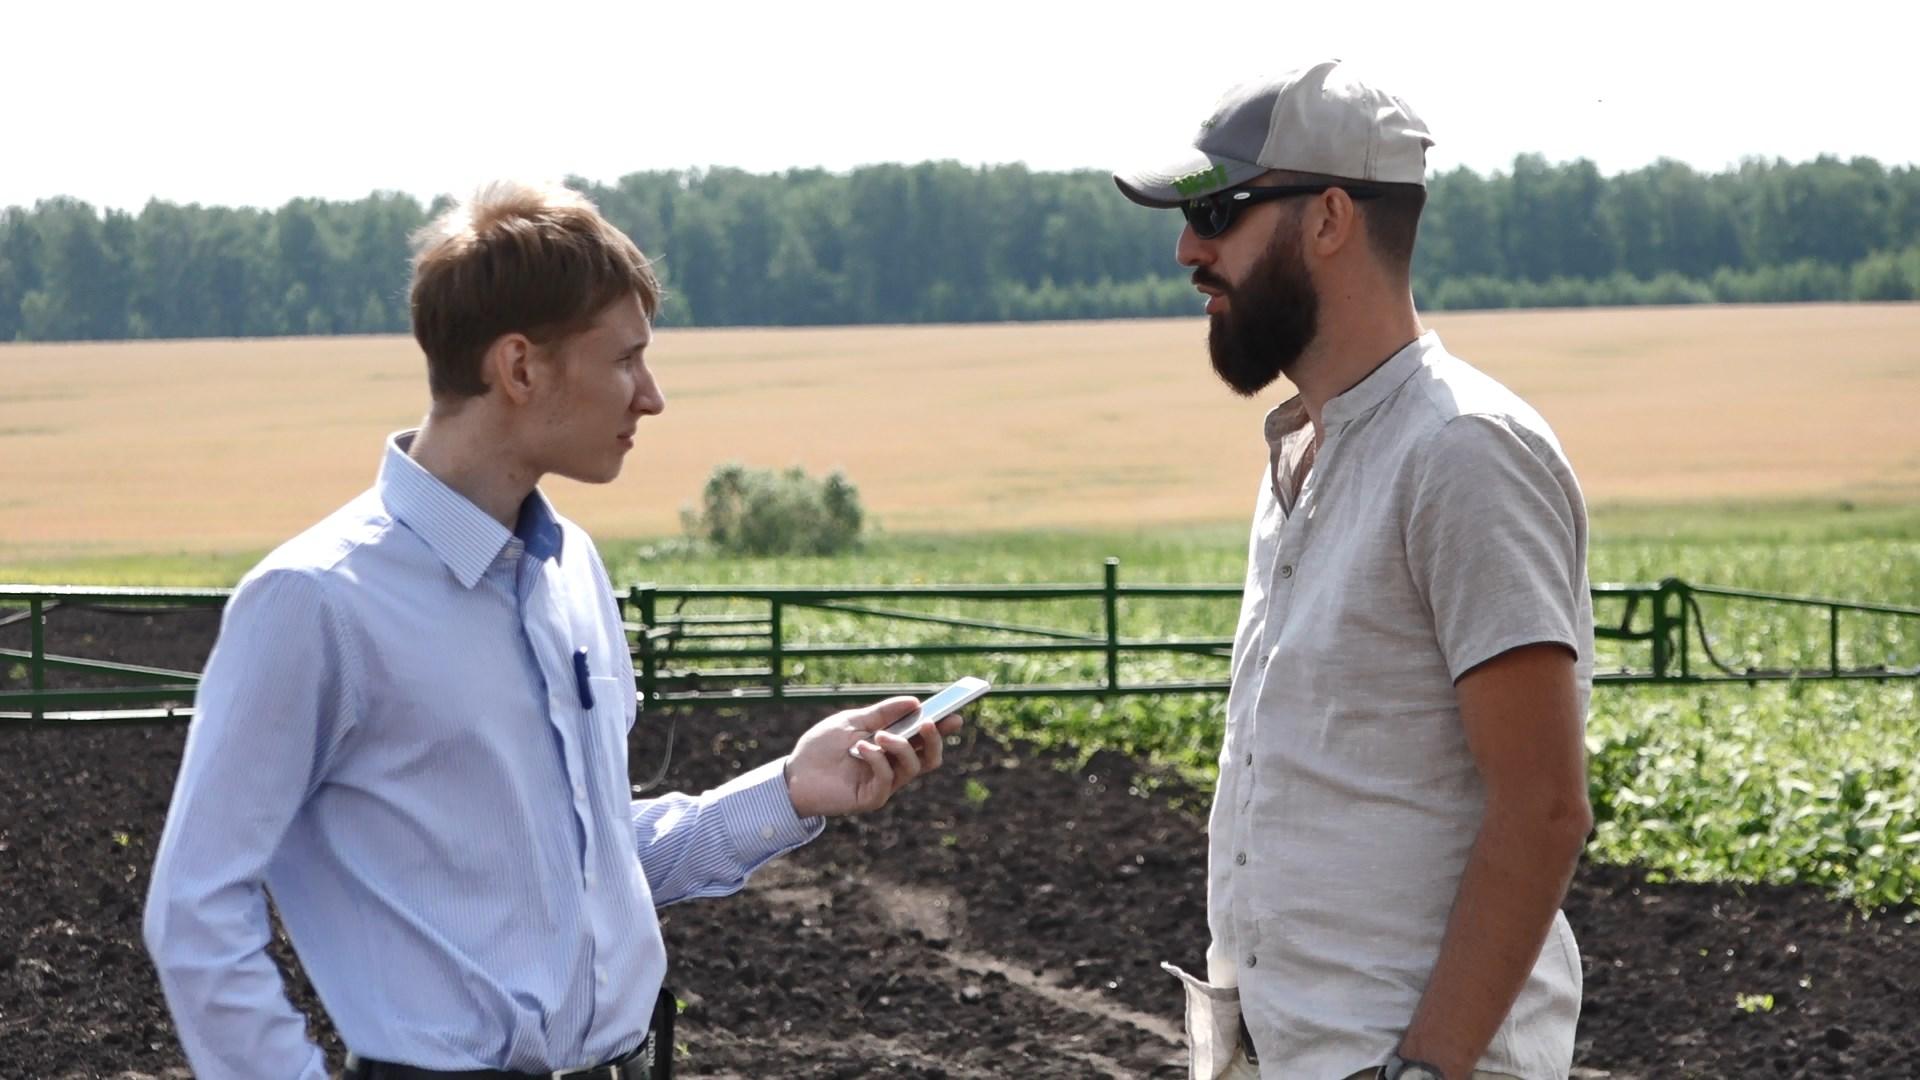 На полях Эко-Агрофермы «Михайловская» 10 июля 2018 года прошёл семинар:«Соя и рапс – современные технологии возделывания»